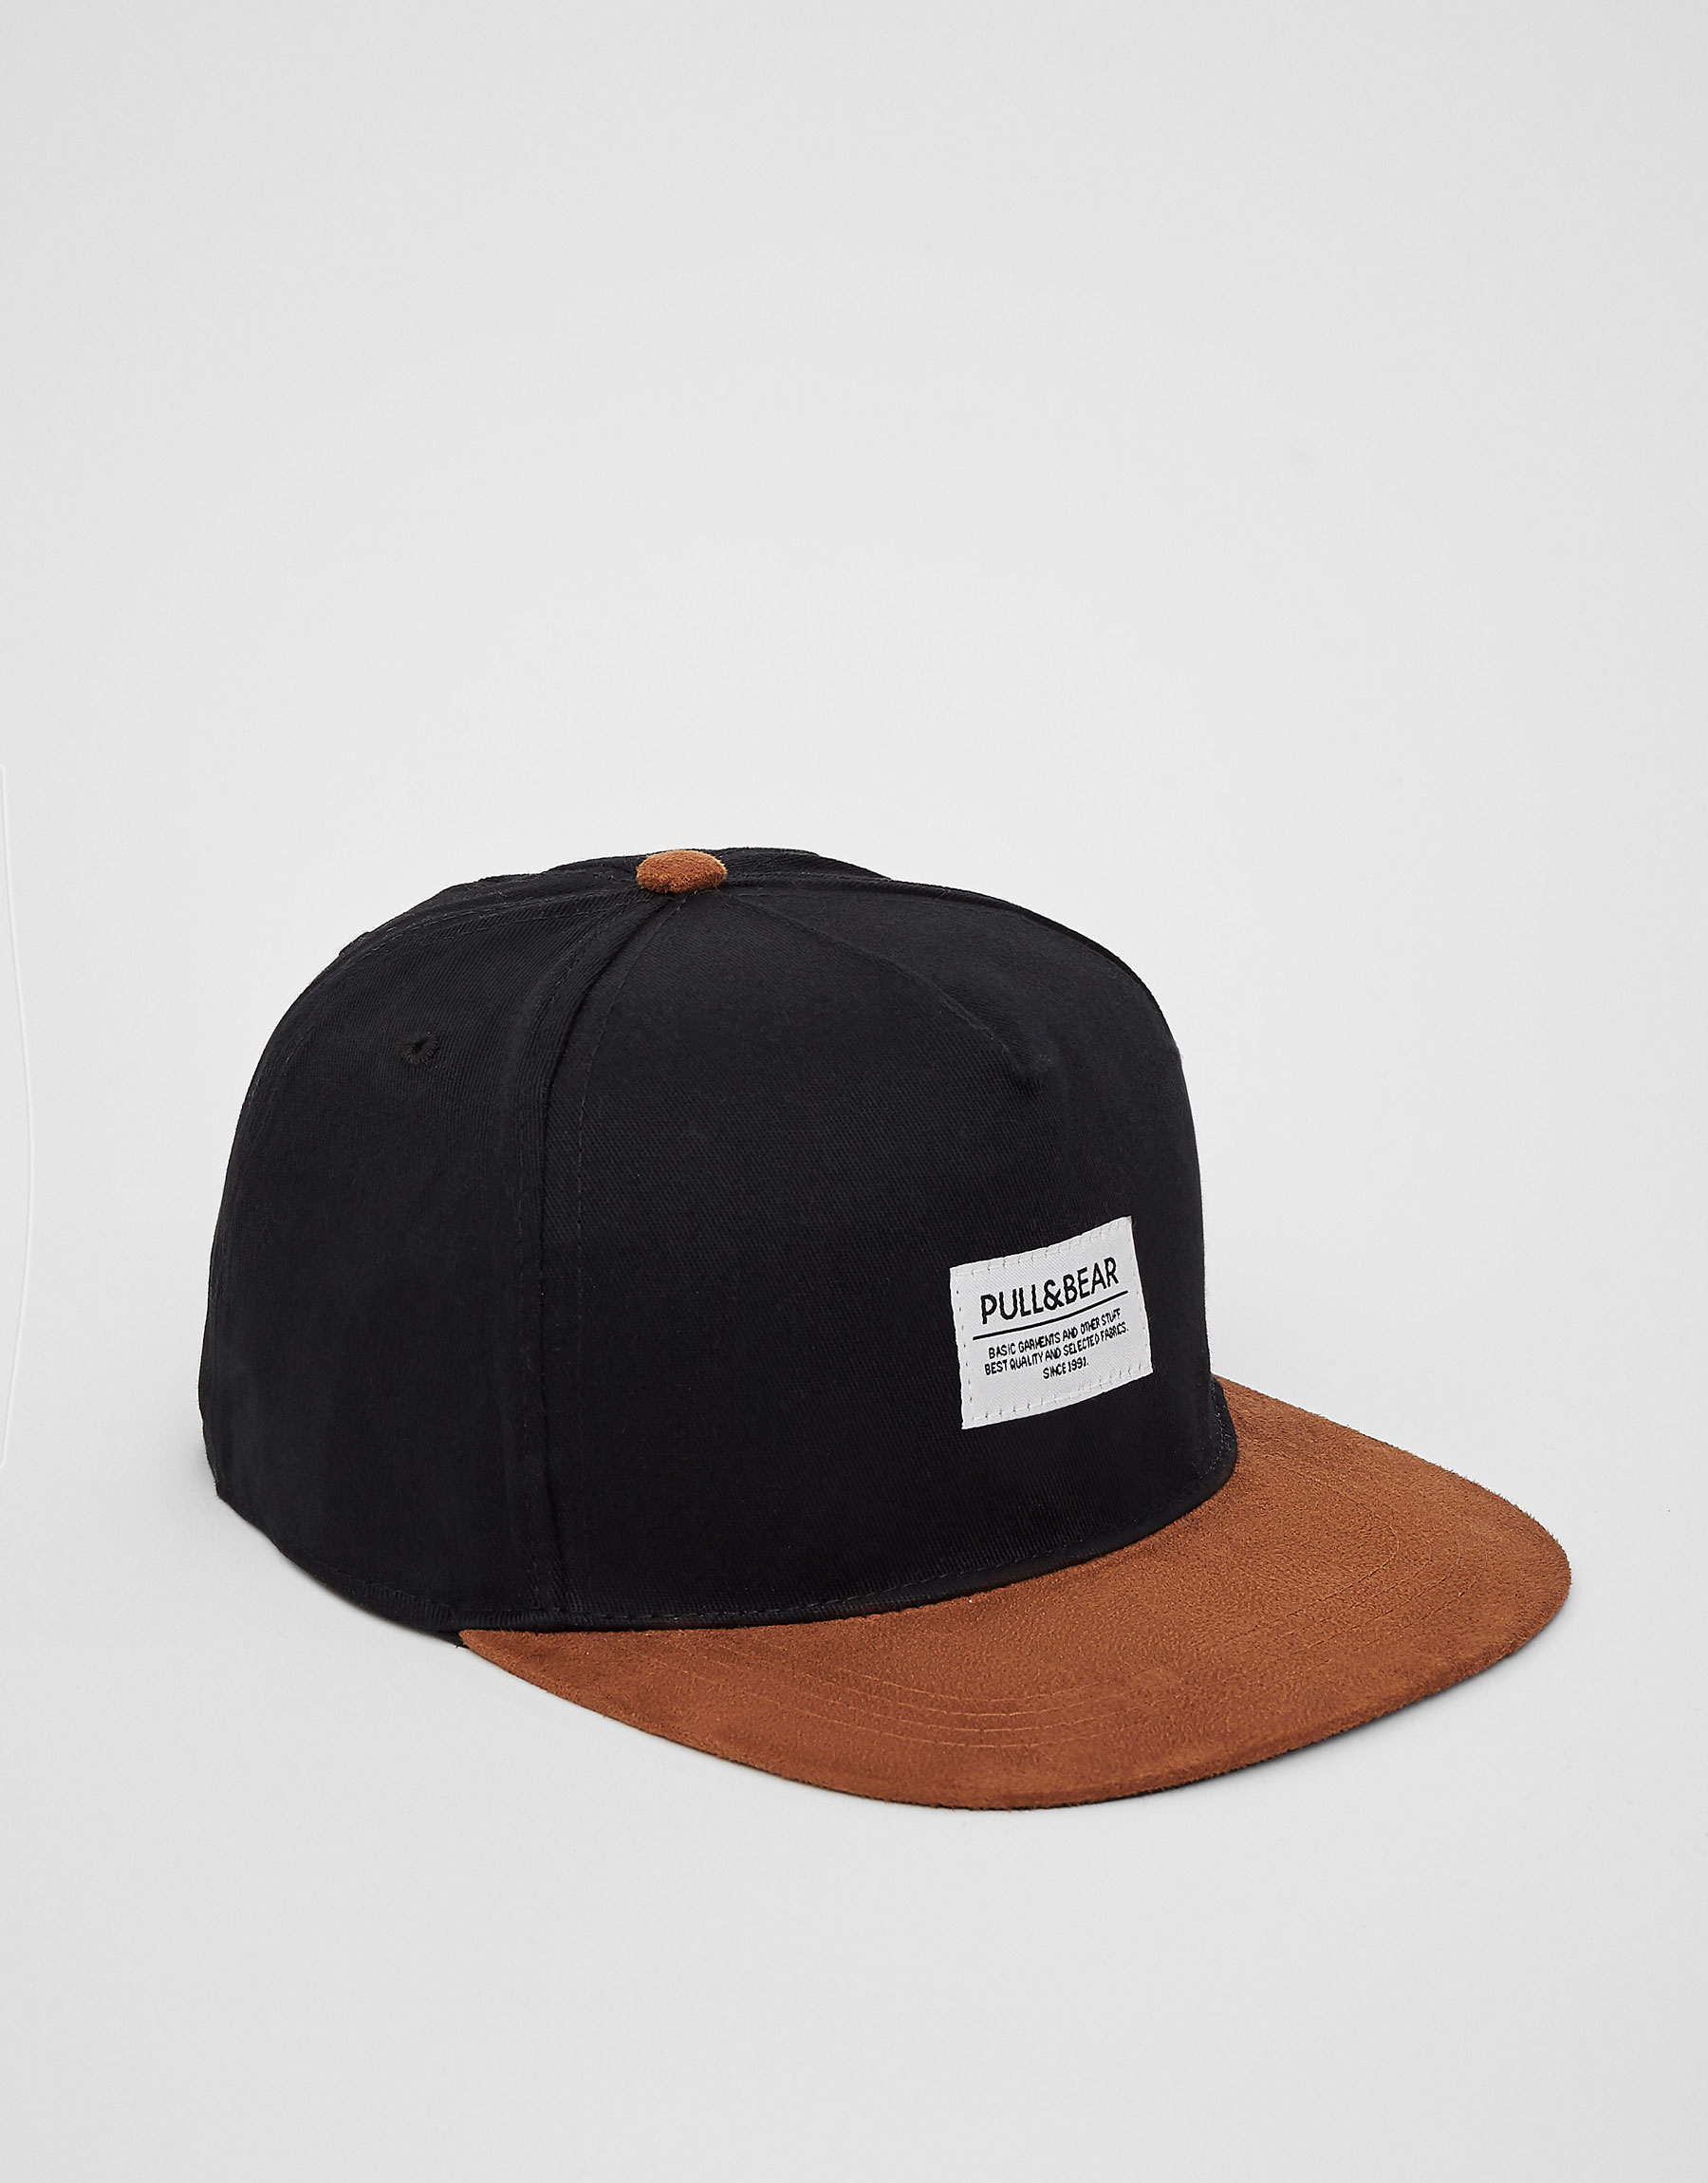 Gorra negra viseira marrón